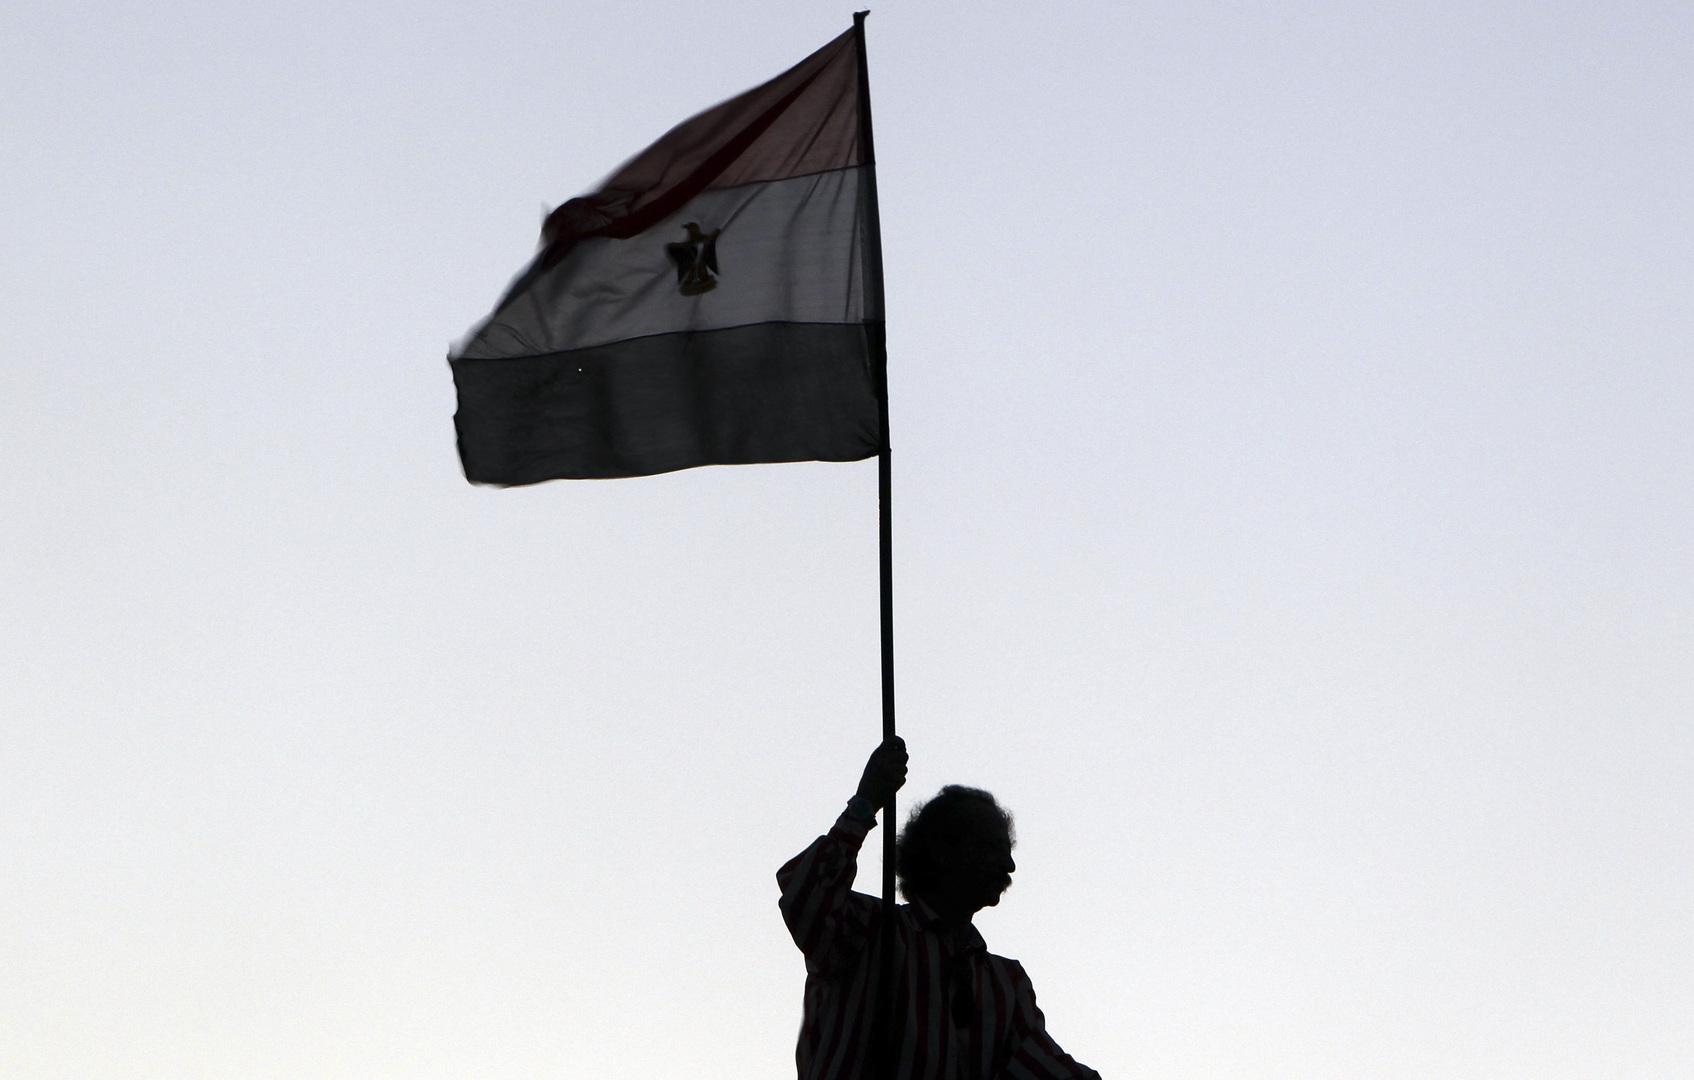 الكشف عن سبب طرد السورية هيام صبحي البادي من مصر